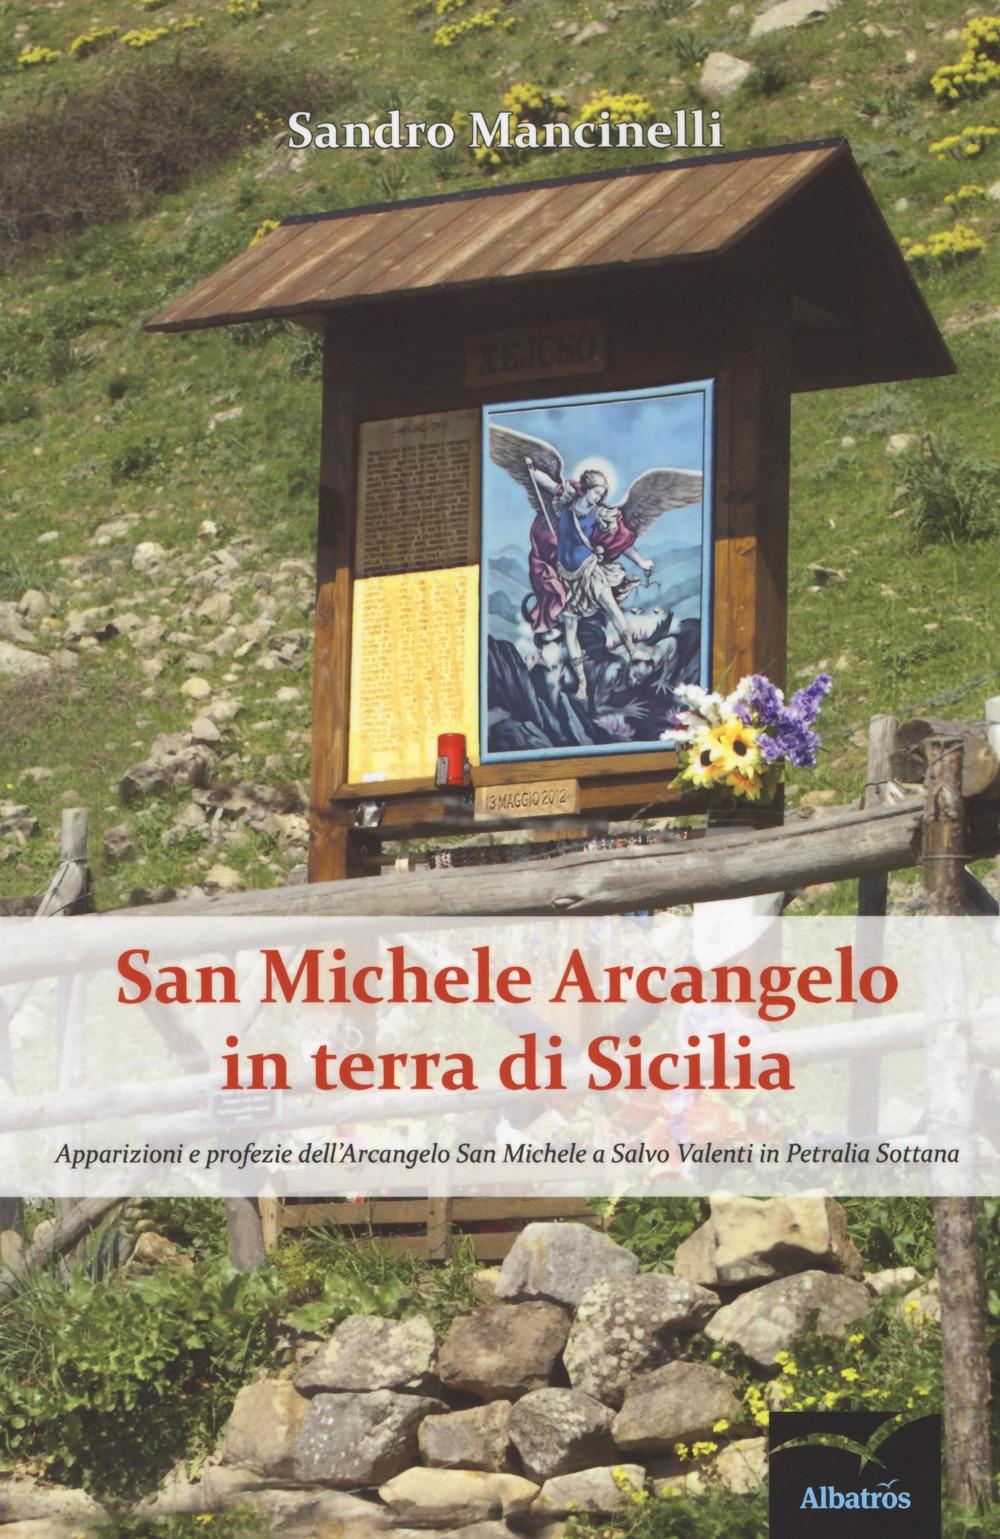 San Michele arcangelo in terra di Sicilia. Apparizioni e profezie dell'arcangelo san Michele a Salvo Valenti in Petralia Sottana